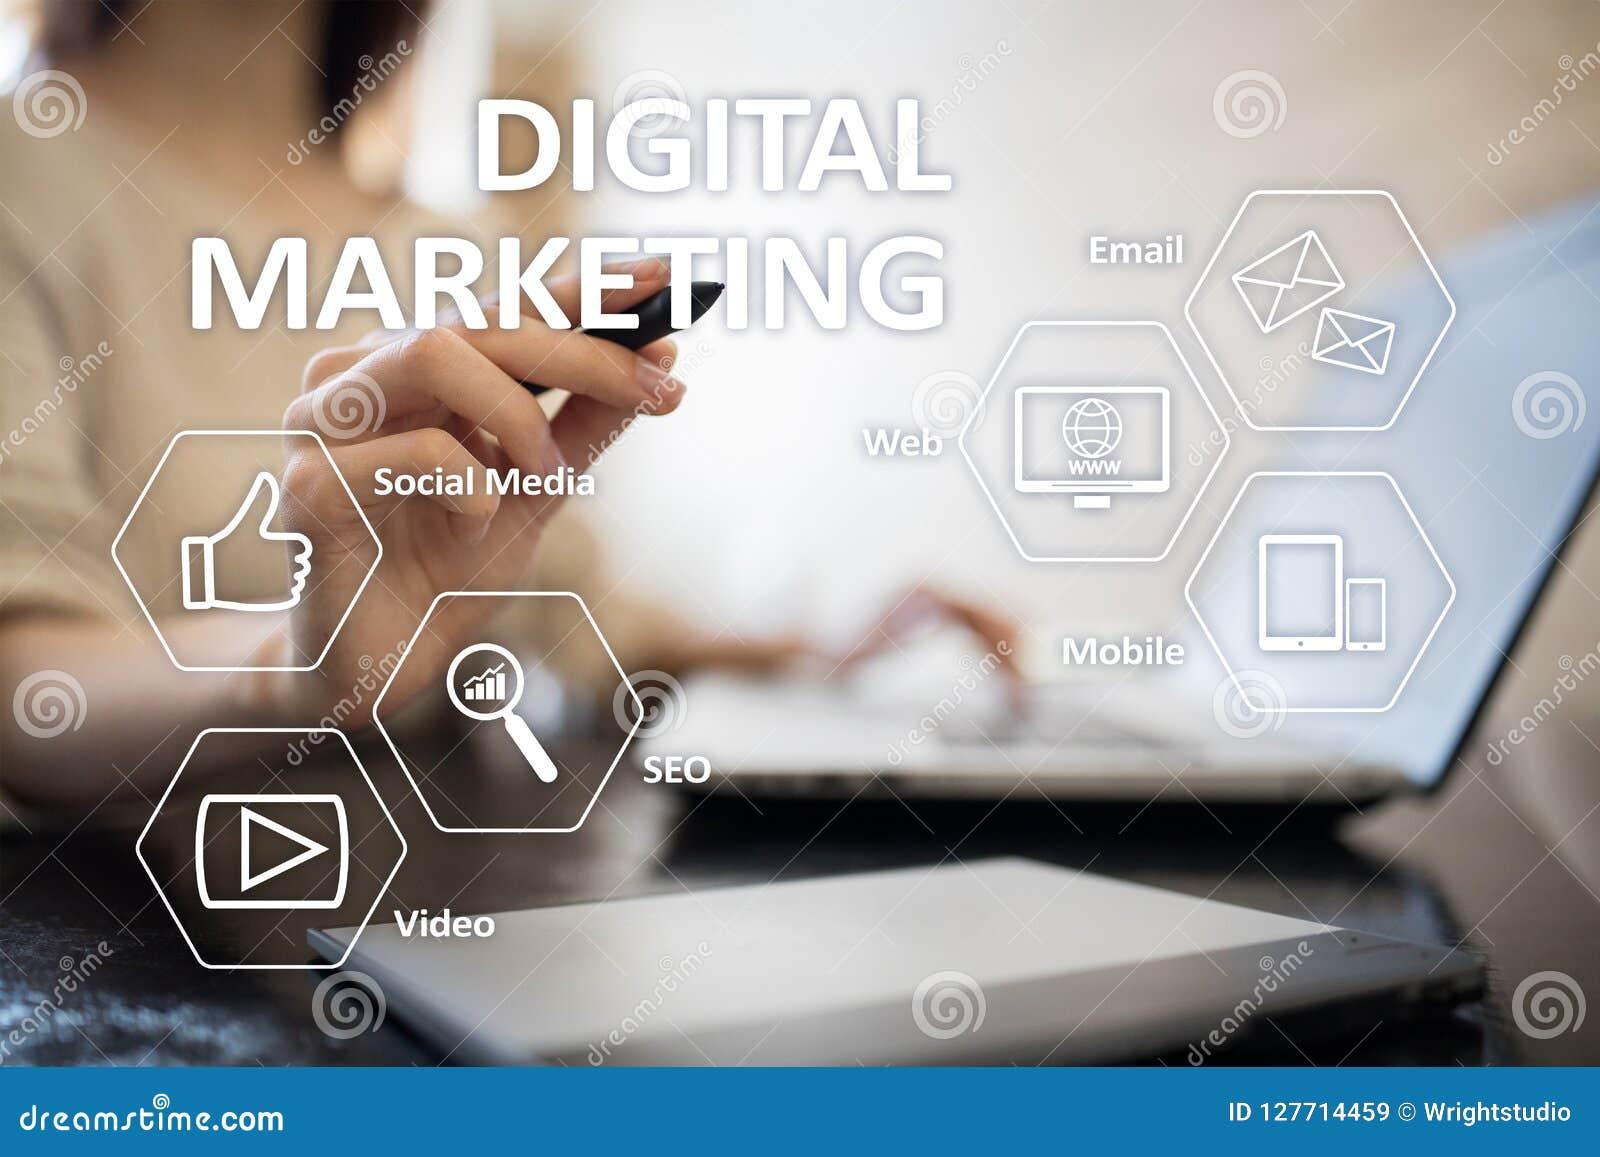 Концепция технологии маркетинга цифров Интернет Онлайн Поисковая оптимизация SEO SMM рекламировать